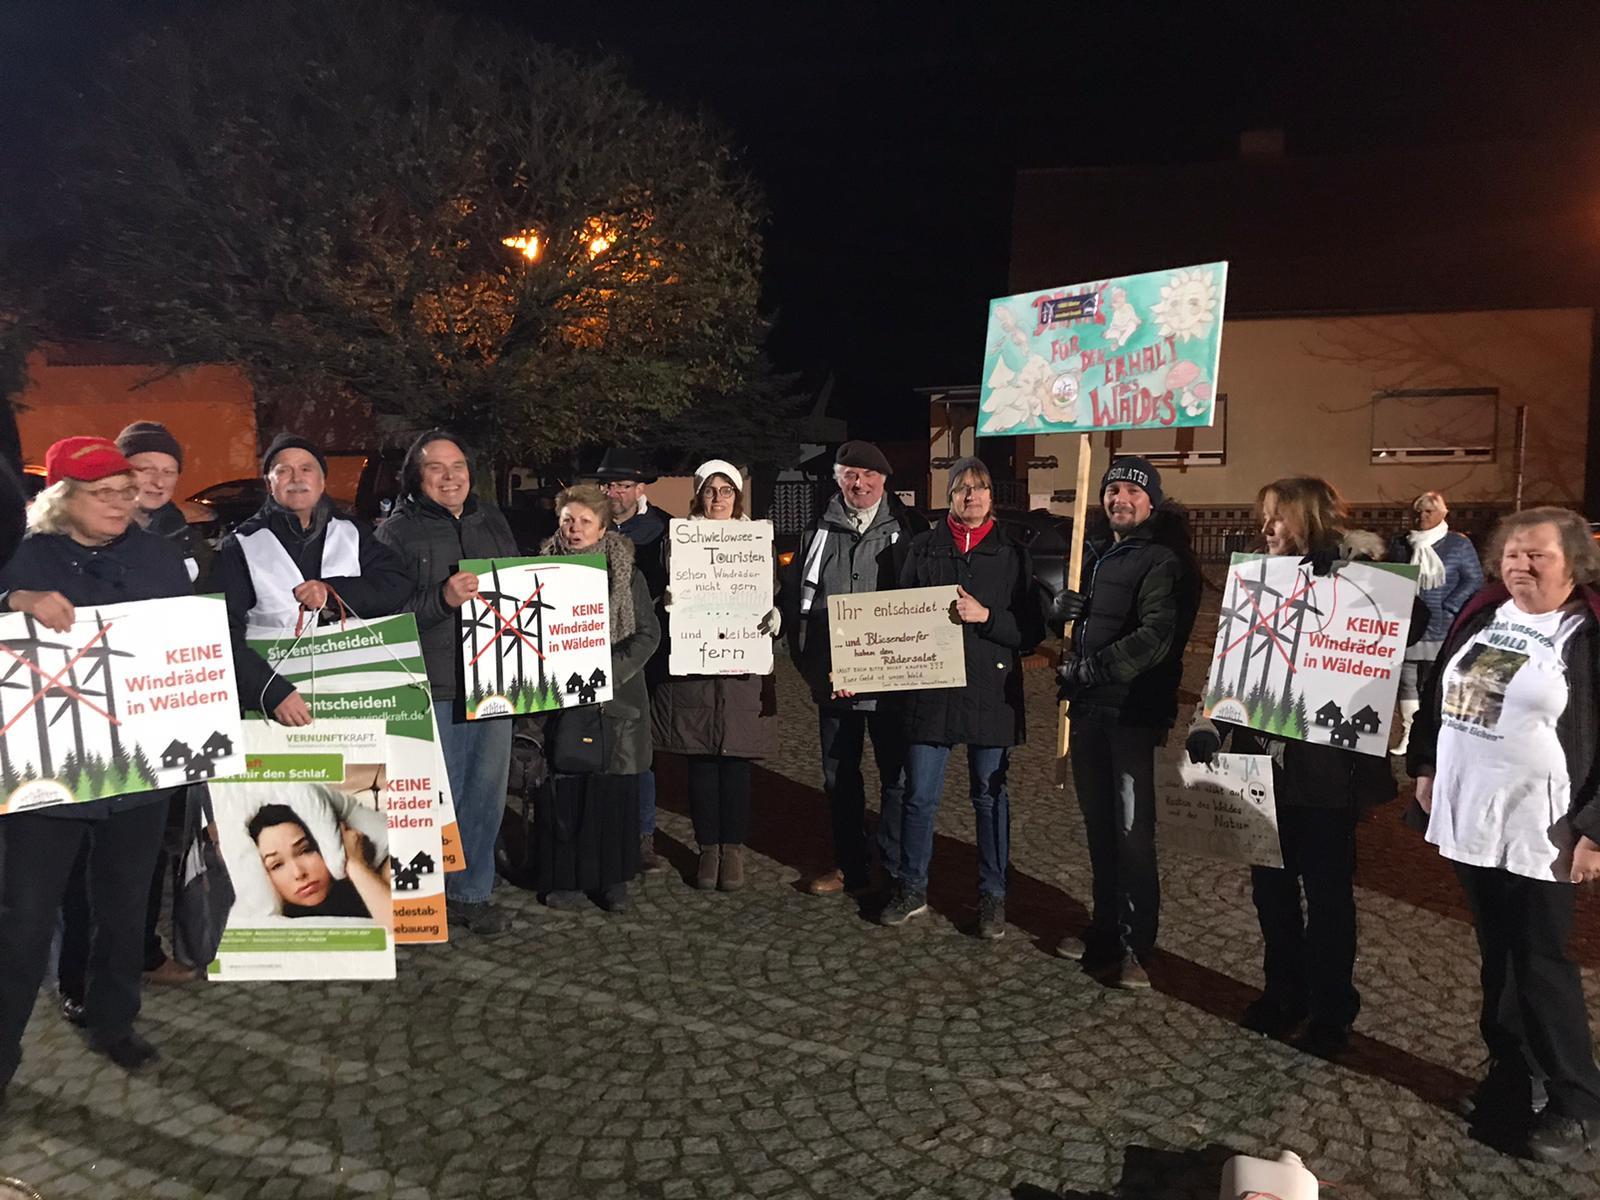 Tolle Demo heute (04.12.2019) vor dem Rathaus der Gemeined Schwielowsee gegen 7 geplante Windräder im Wald